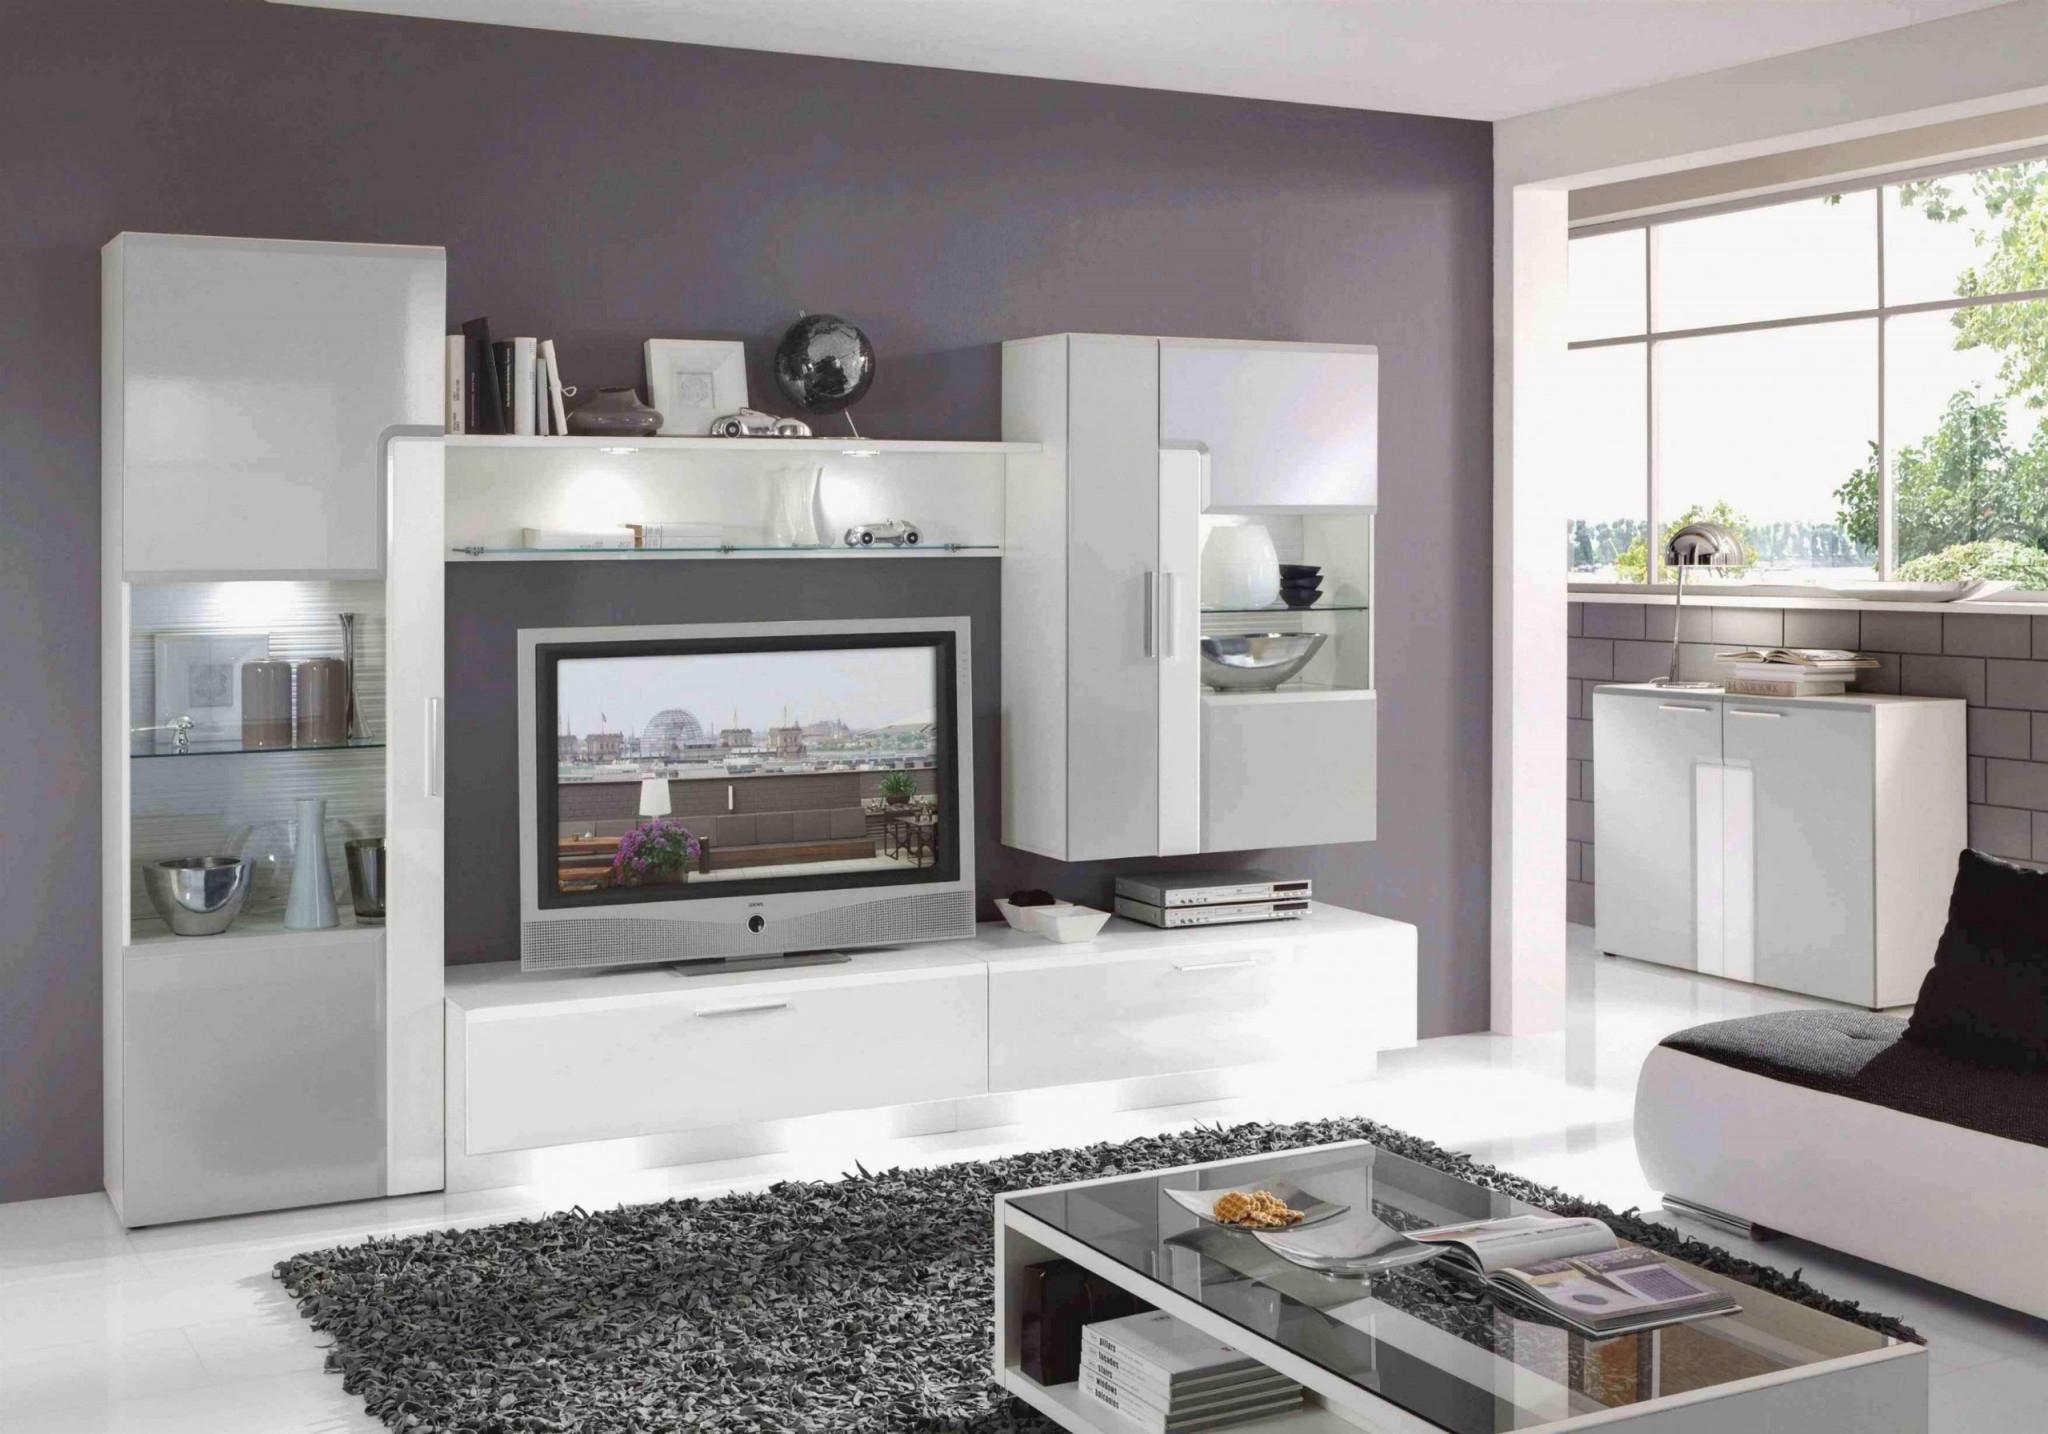 Wohnzimmer Einrichten Farben Frisch 50 Beste Von Farben Im von Wohnzimmer Gestalten Farbe Photo